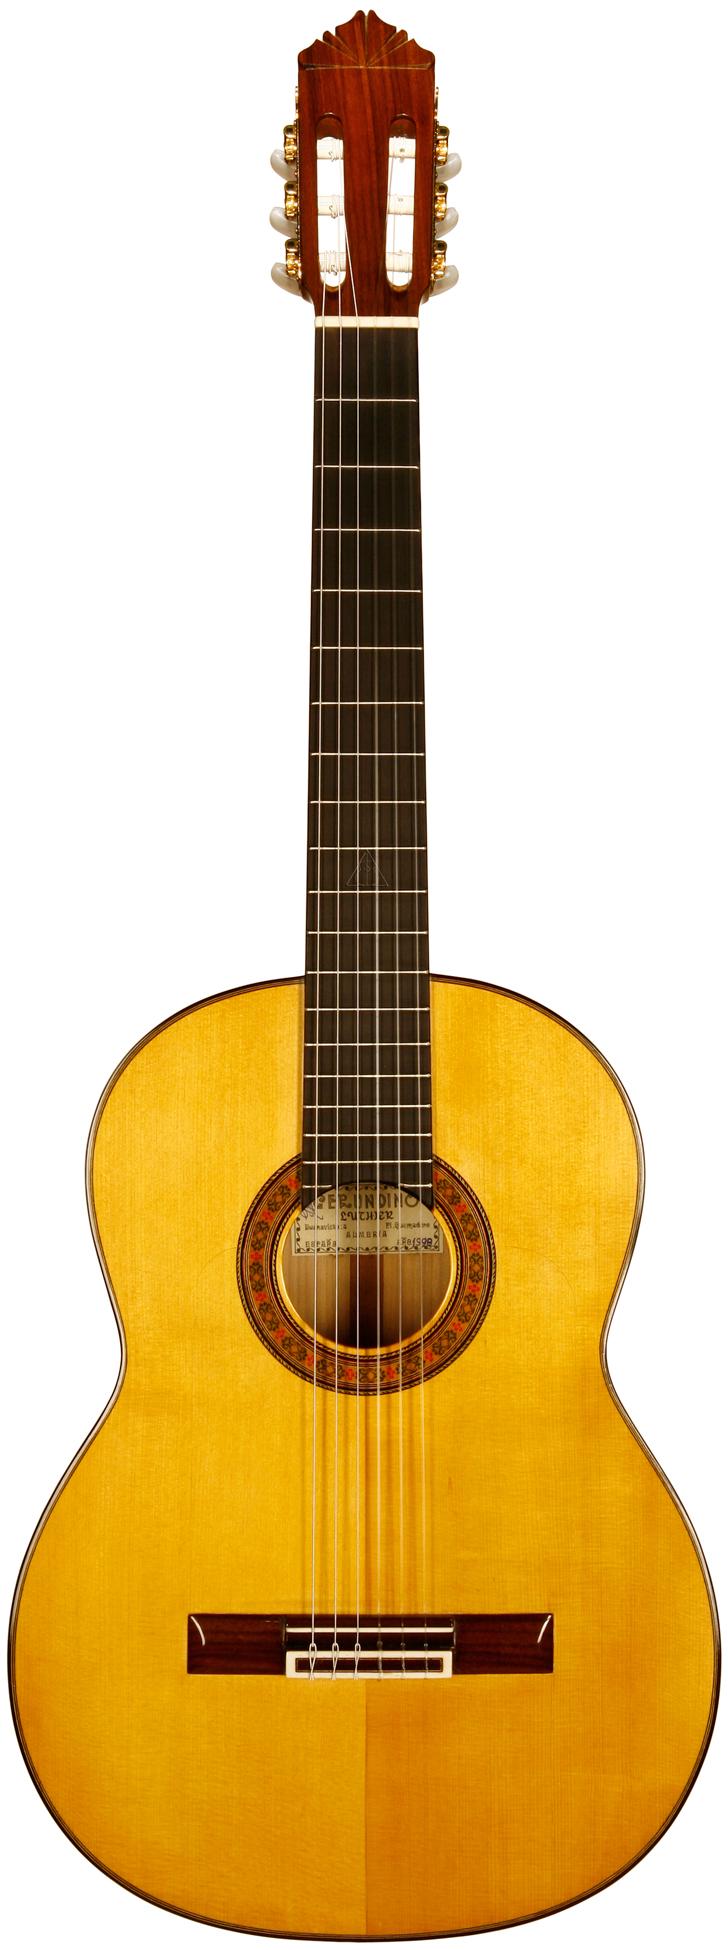 guitar_fr_lg_163.jpg